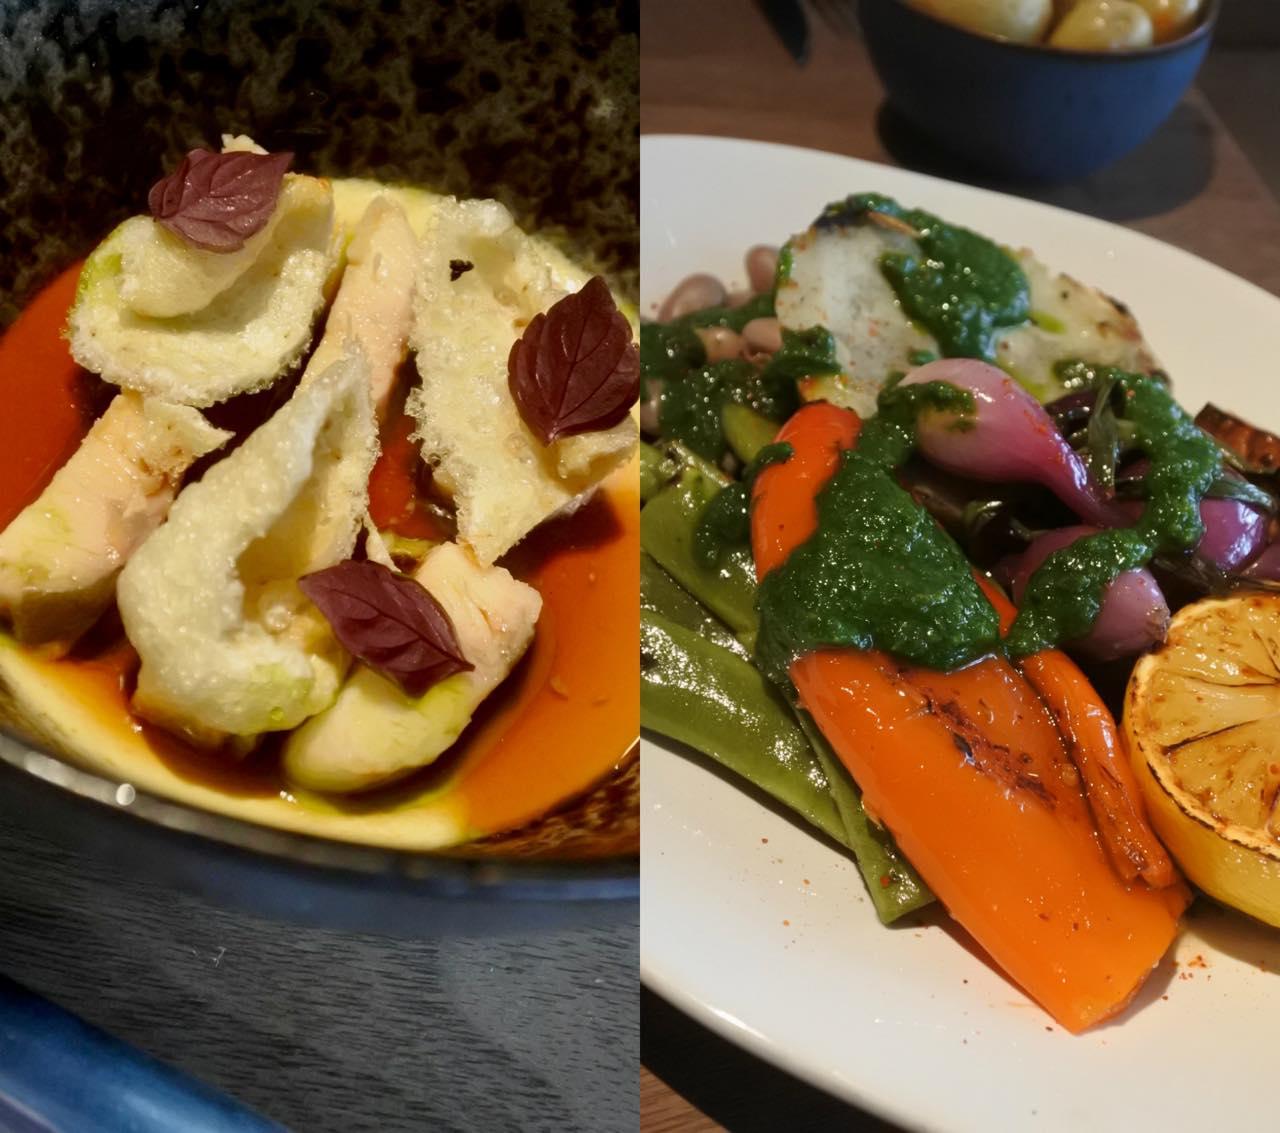 左が燻製ウナギとフォアグラ・カスタード。右がボリューミーな野菜プレート。